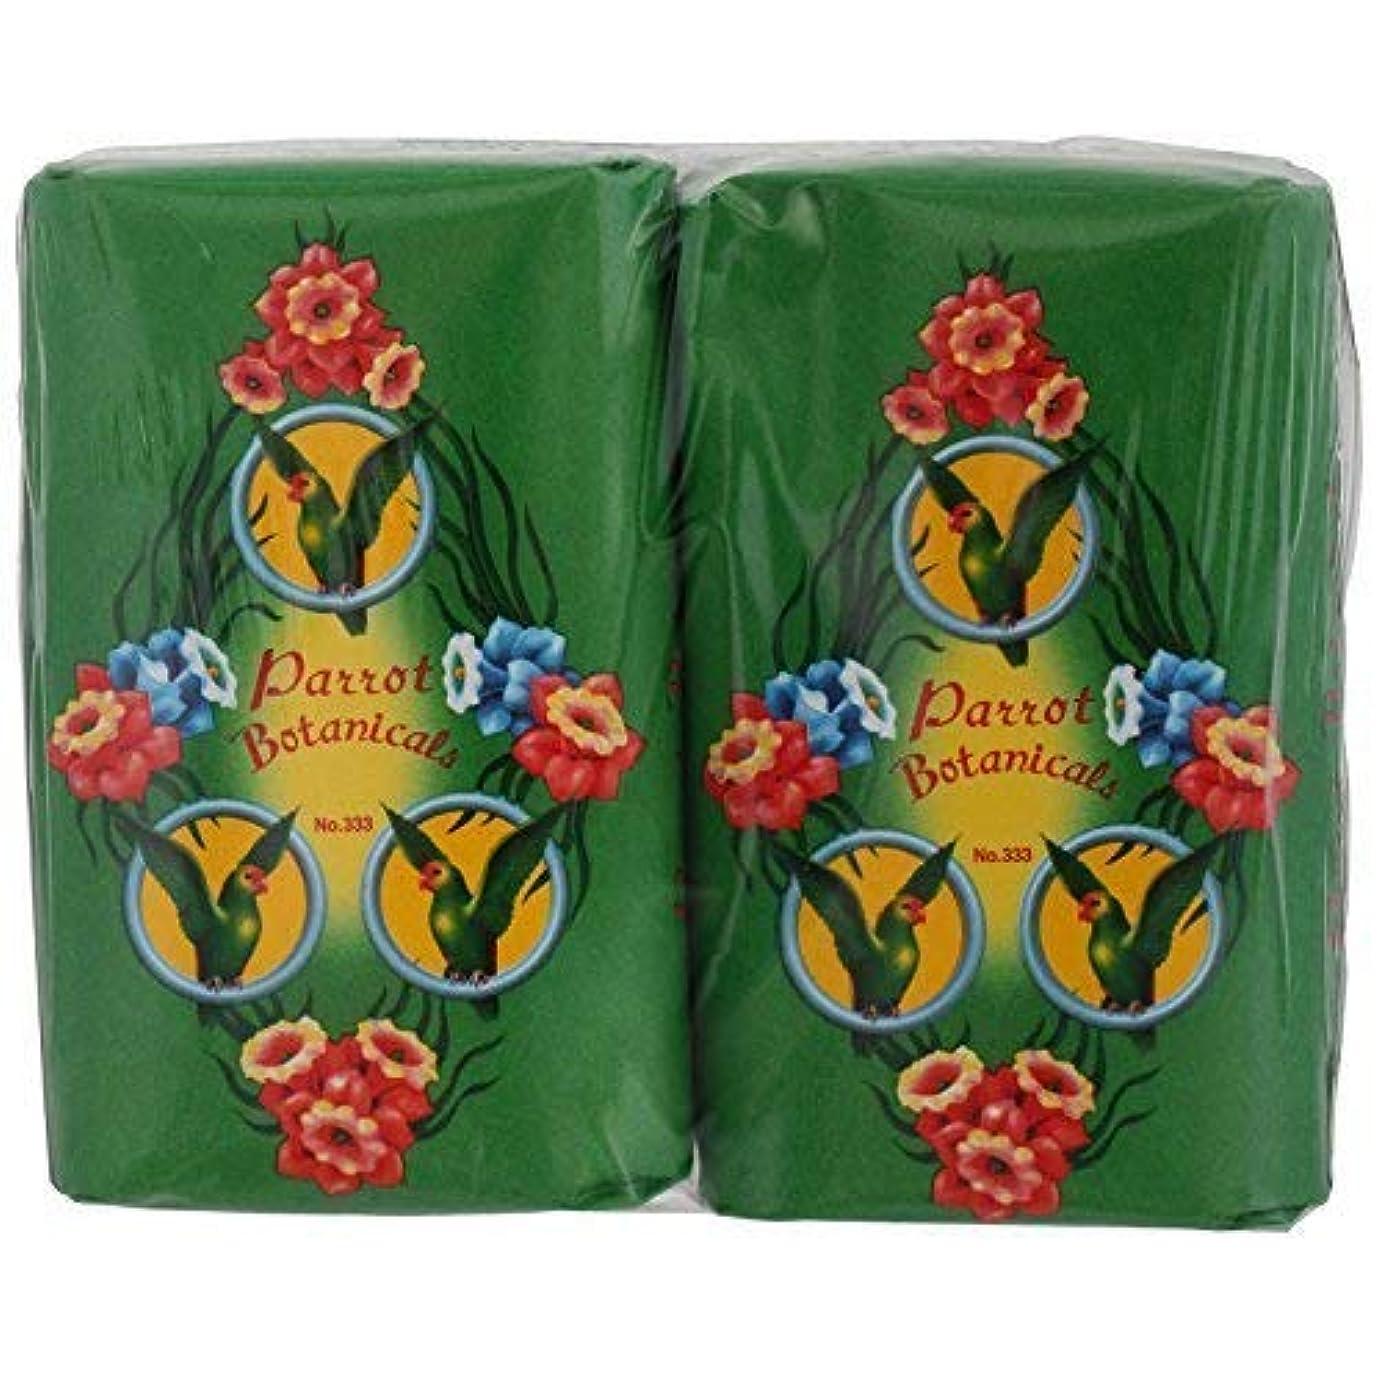 改善ラベ欠如Rose Thai Smile Shop Parrot Botanicals Soap Green Long Last Fragrance 105 G (Pack of 4) Free Shipping